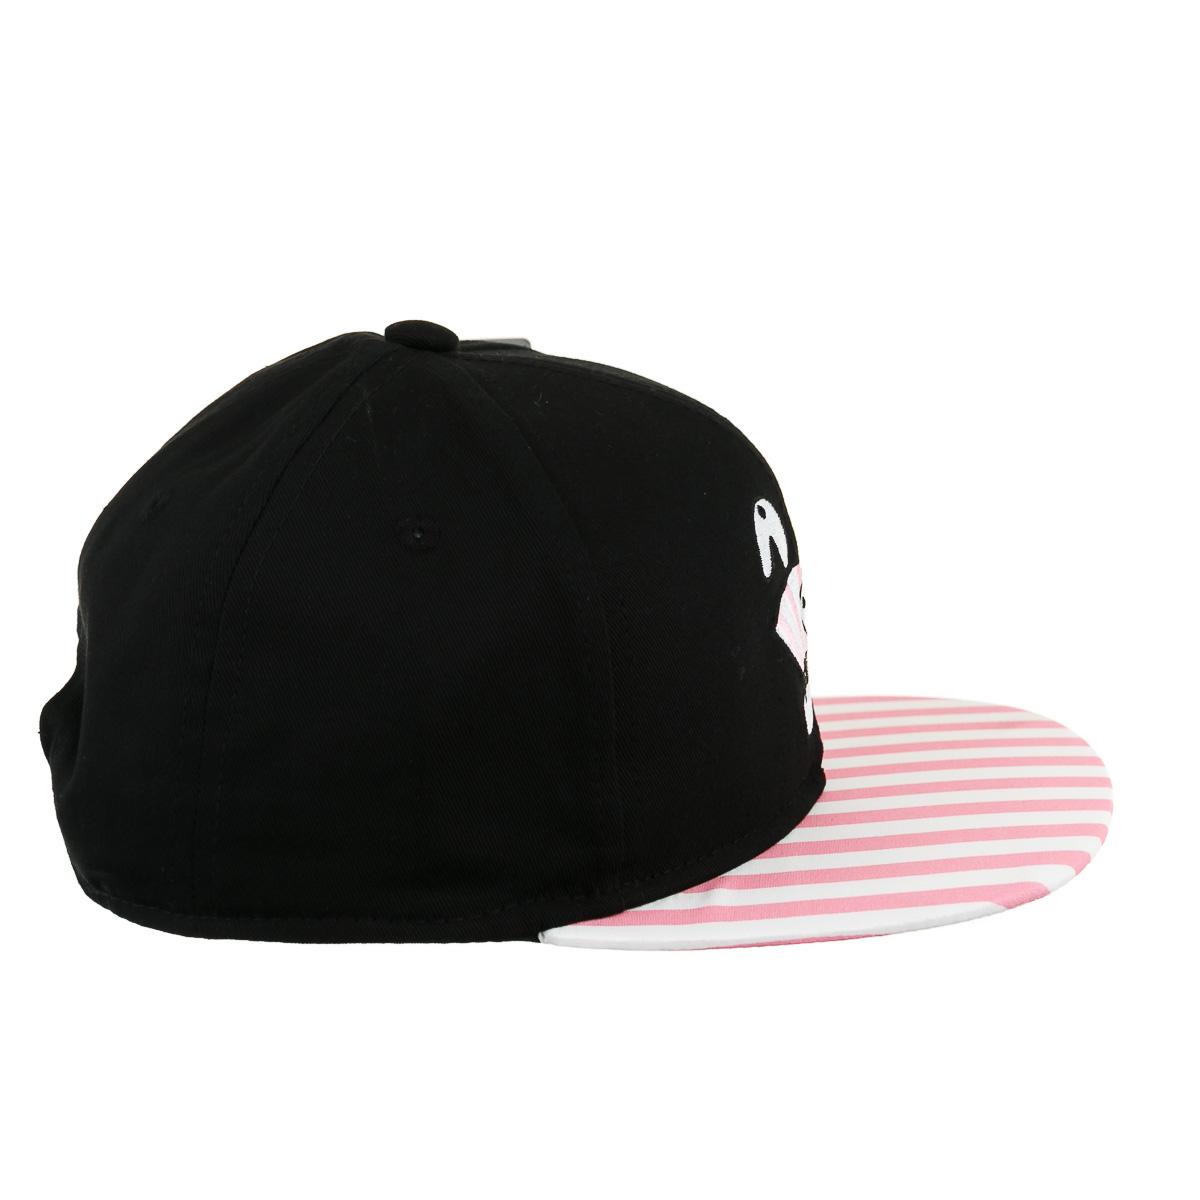 Снепбек черный с розово-белыми полосками на козырьке